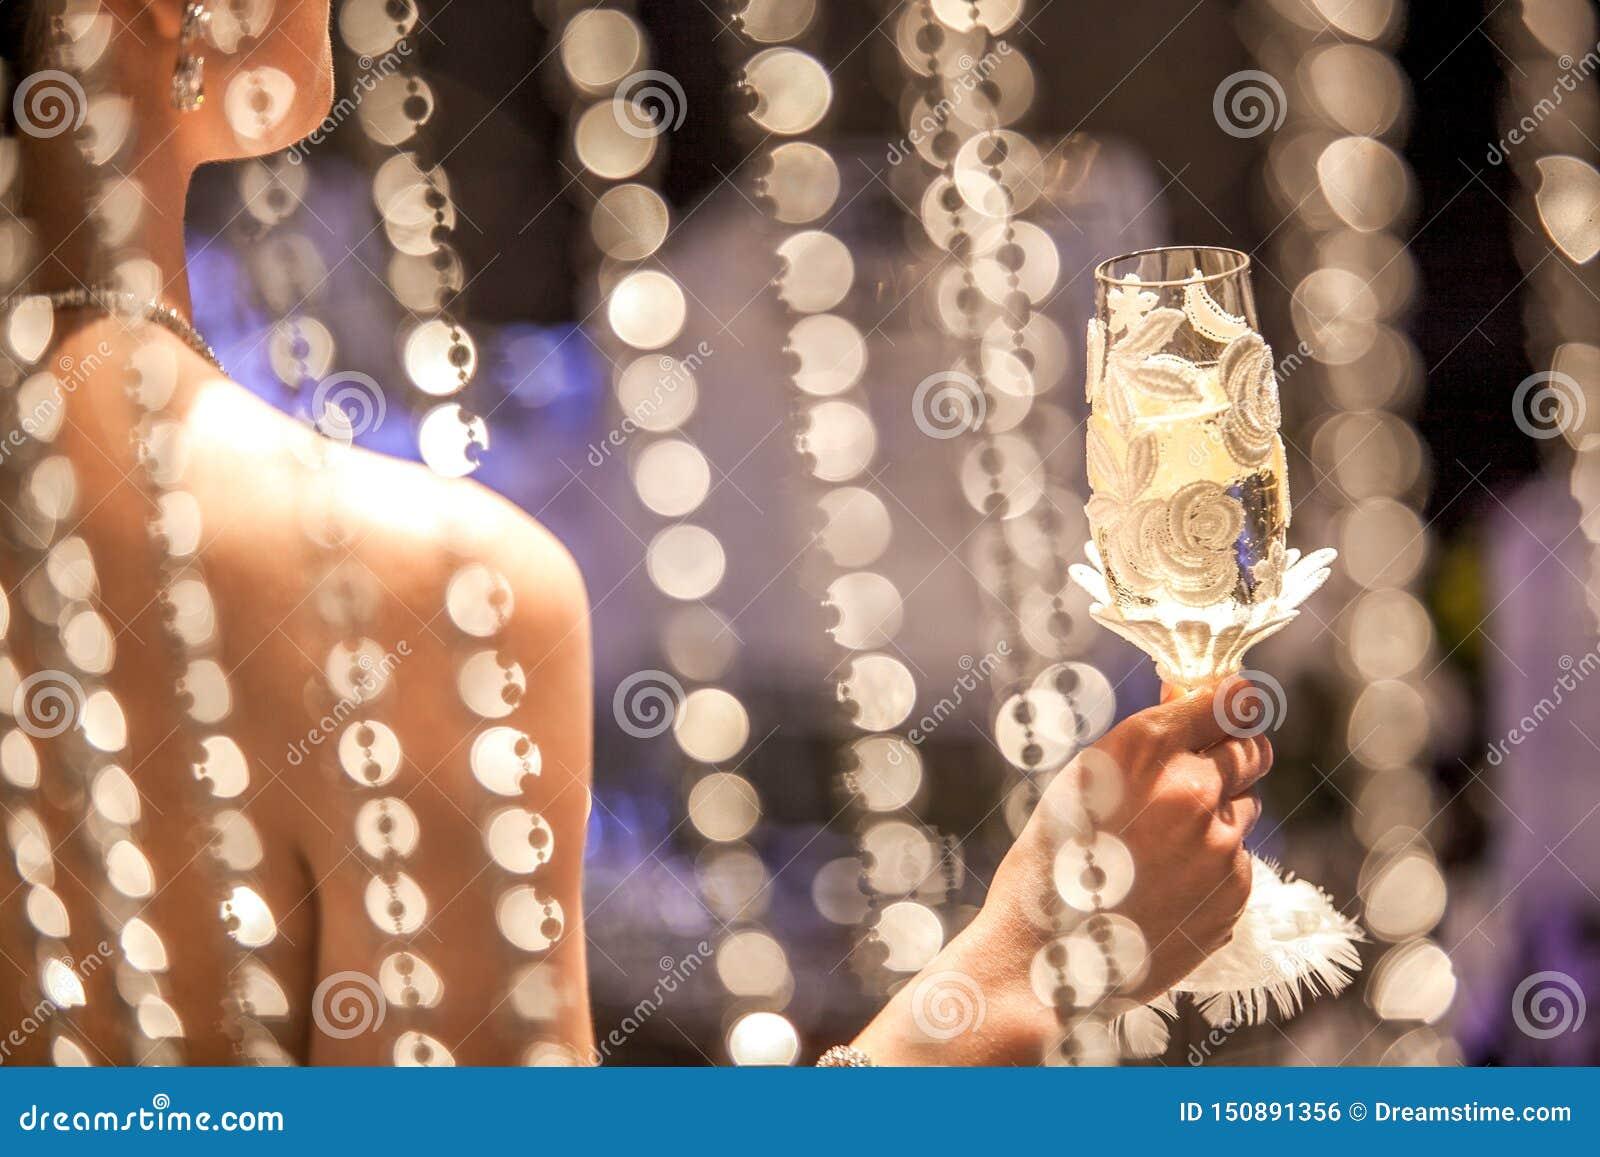 Eine Frau, die ein Champagnerglas im Hochzeitsempfang hält